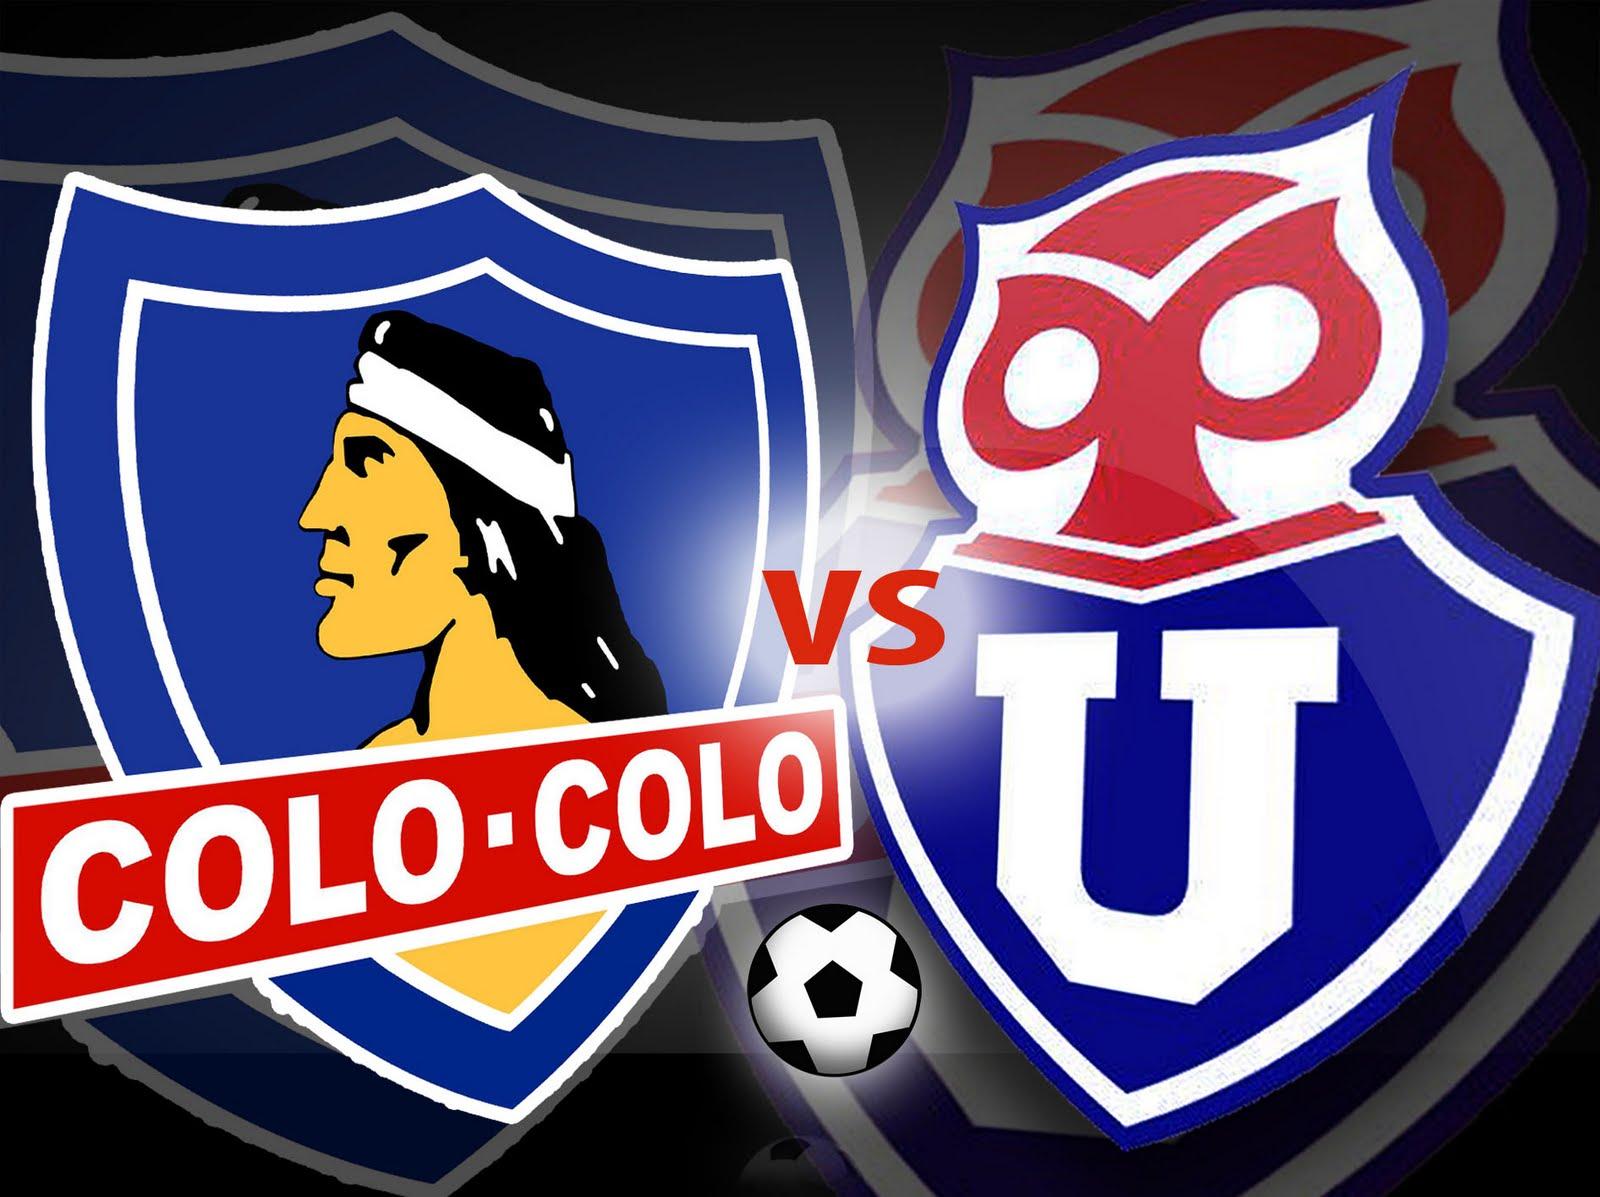 Goles Colo Colo Vs U De Chile  30 10 2011